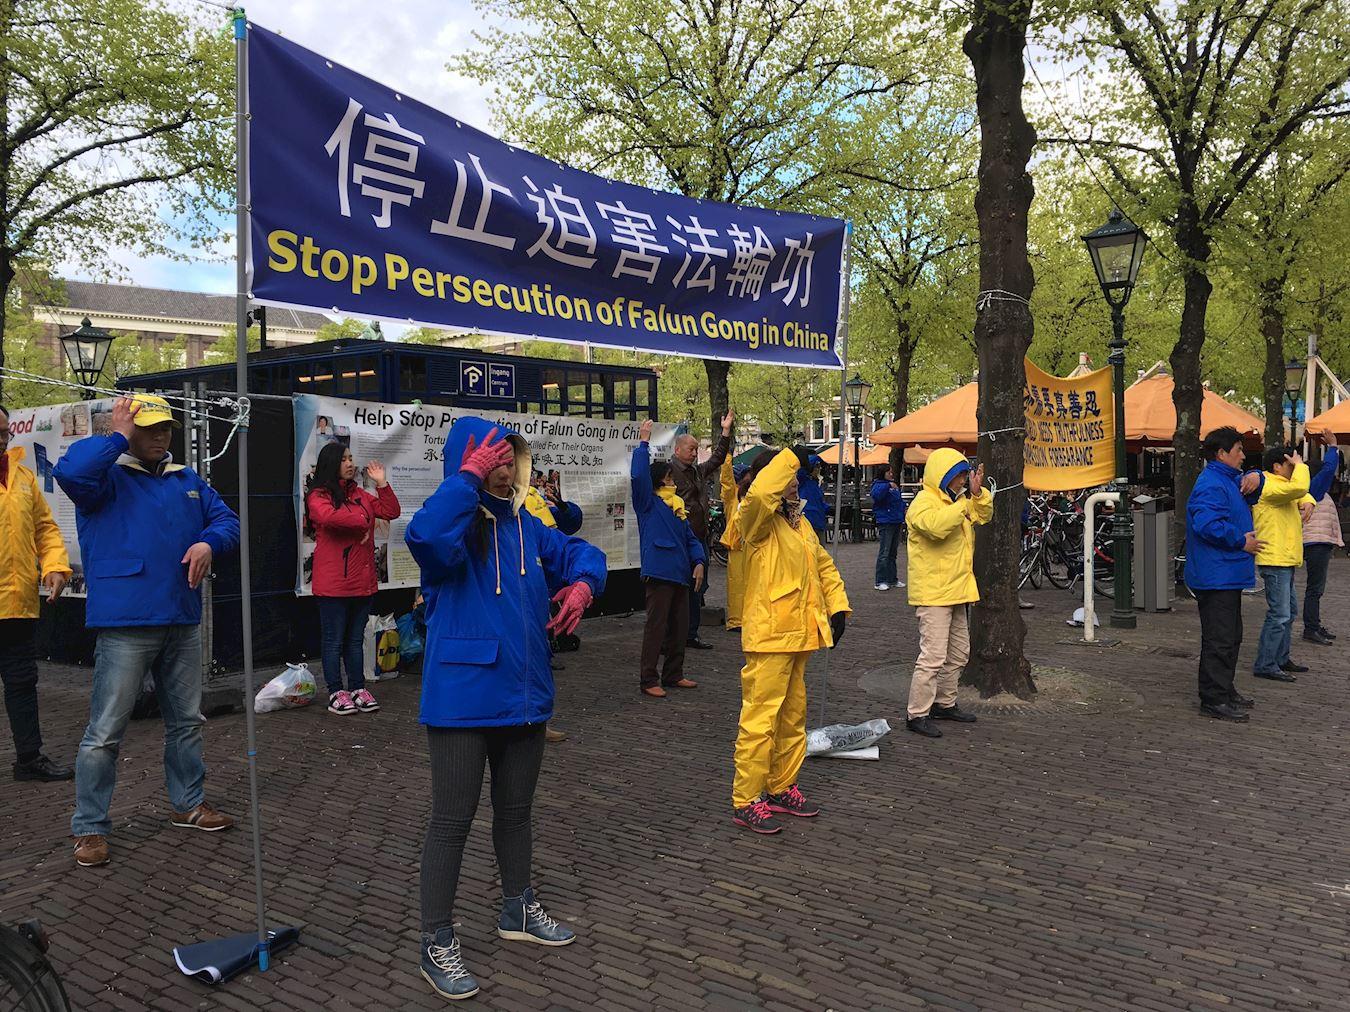 """2017年4月25日,荷兰部分法轮功学员在海牙集会,纪念""""四二五""""万人和平上访18周年。(明慧网)"""